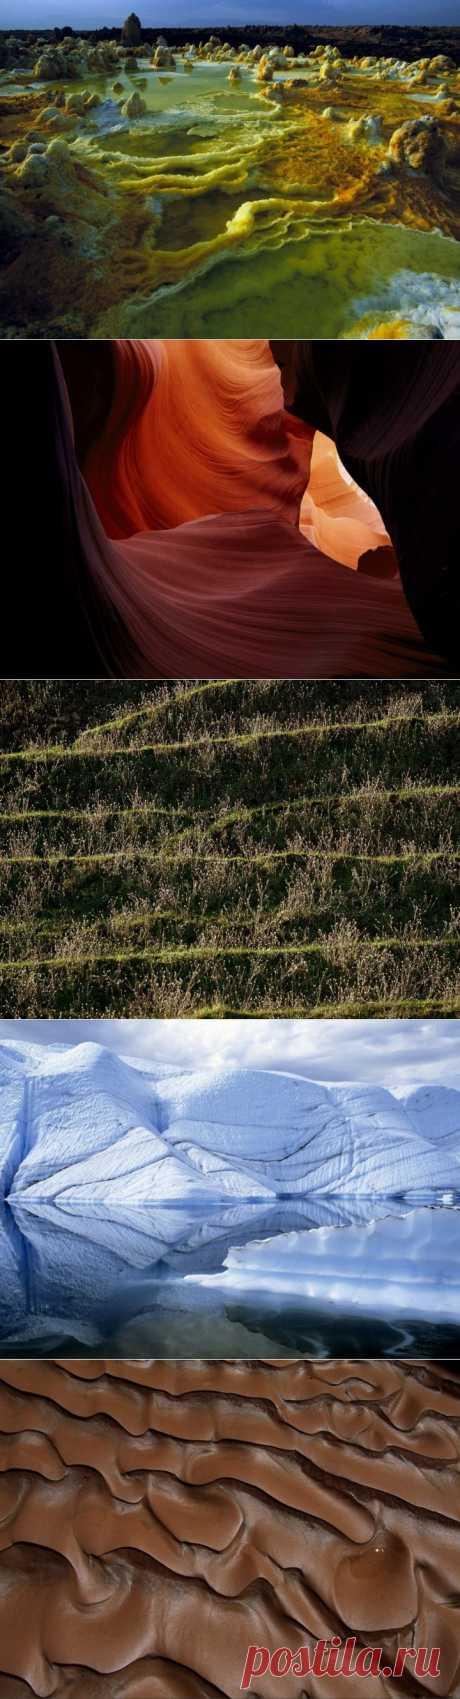 (+1) тема - Подборка снимков, сделанных фотографами National Geographic,   НАУКА И ЖИЗНЬ